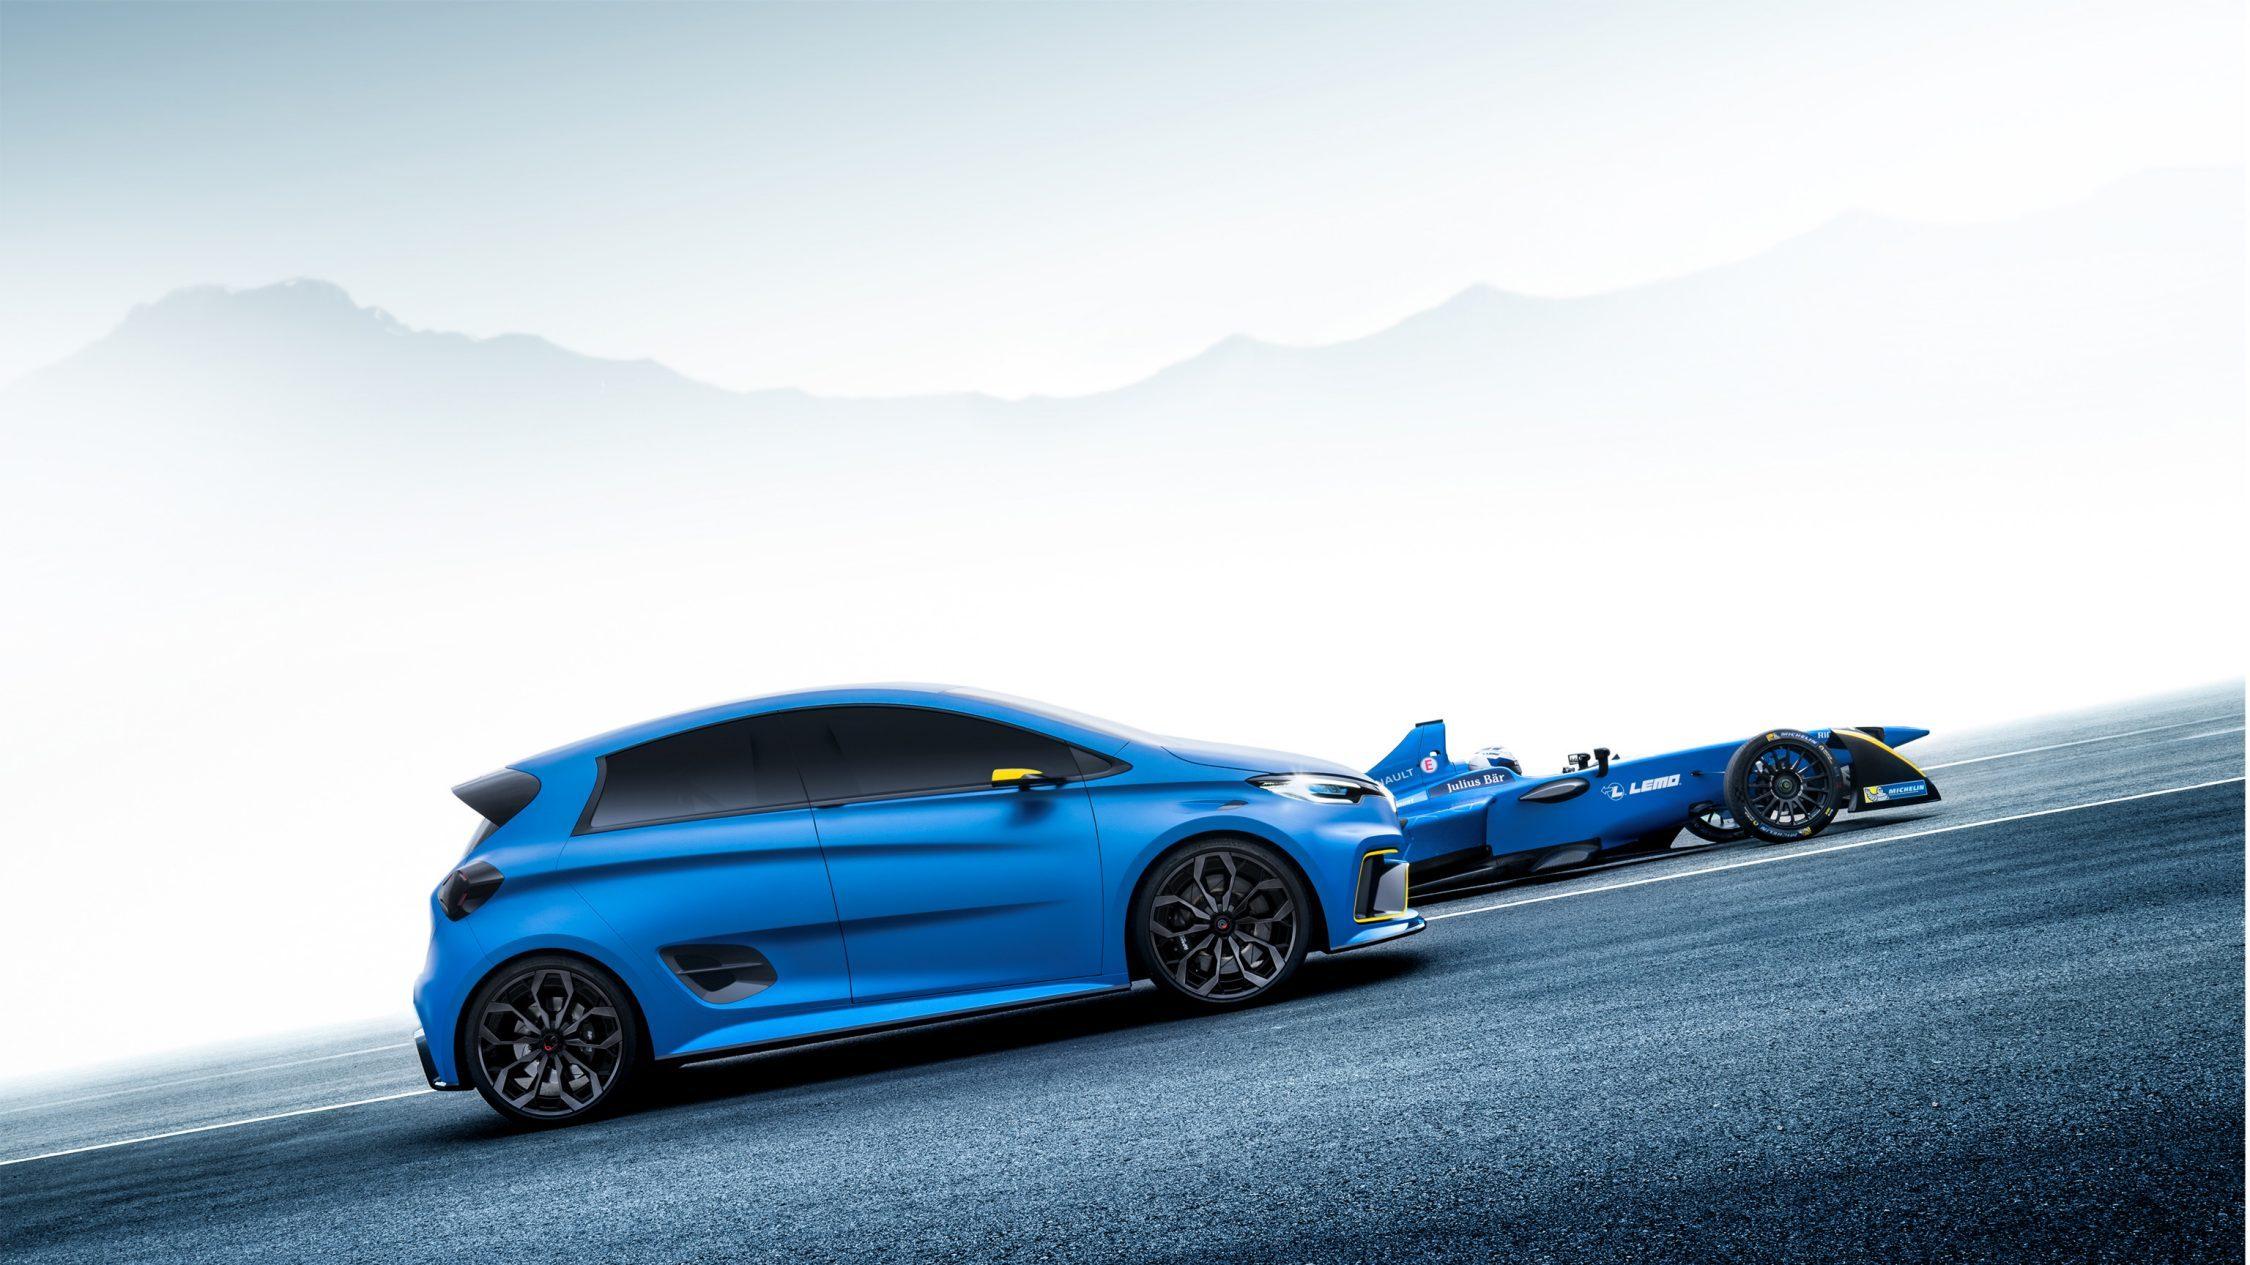 Renault ZOE e-Sport Concept carrosserie en carbone Bleu Satiné